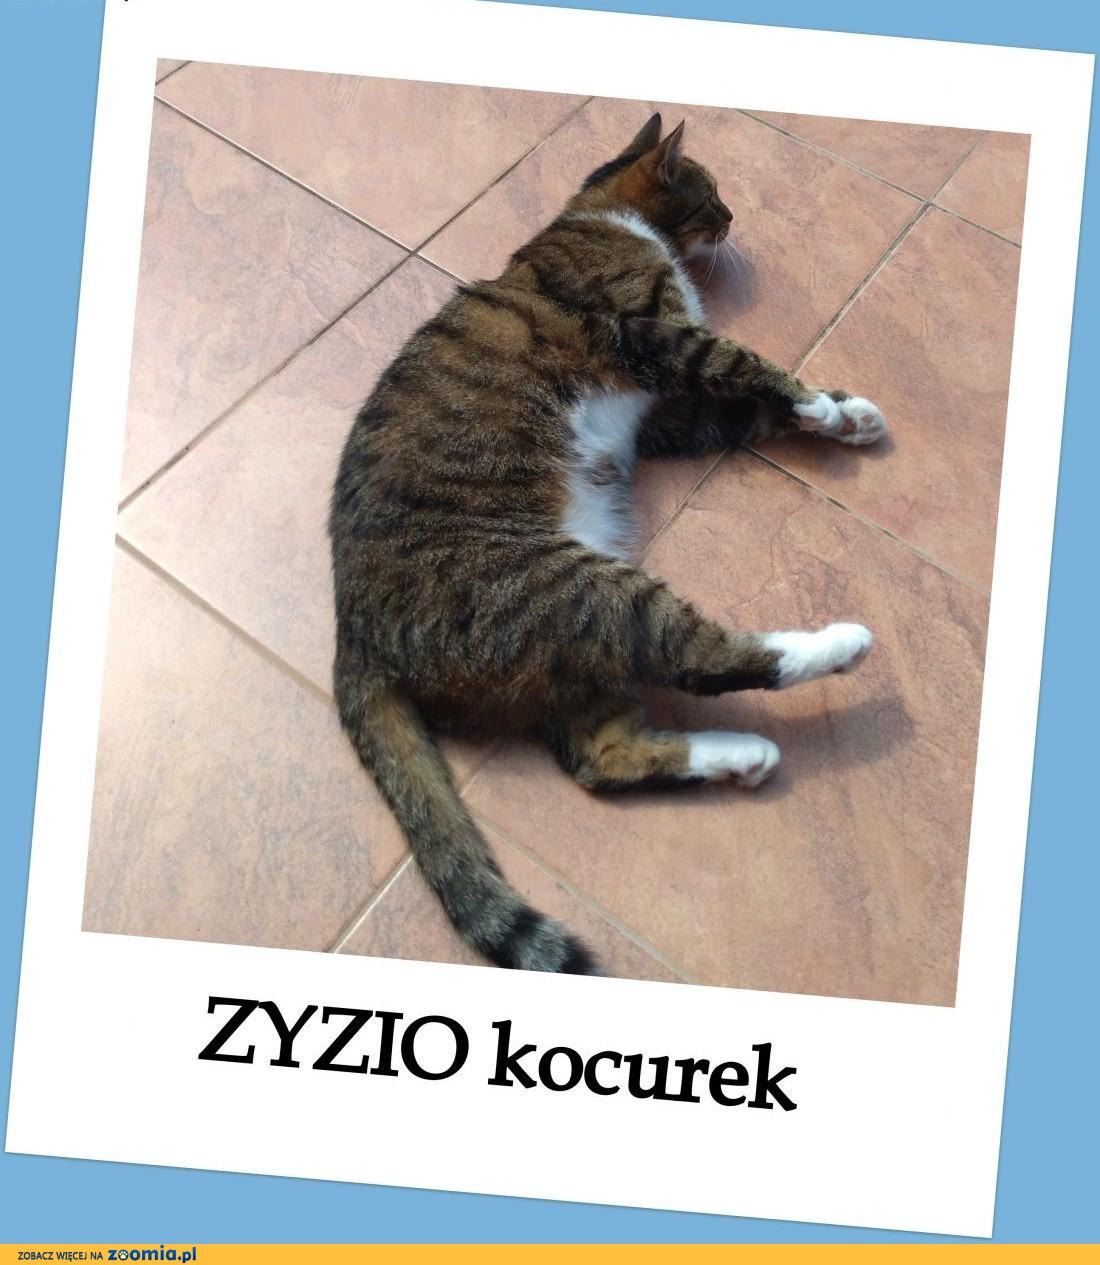 Roczny,wykastrowany kocurek ZYZIO,miziasty,grzeczny,wykastrowany.PILNIE ADOPCJA!,  małopolskie Kraków